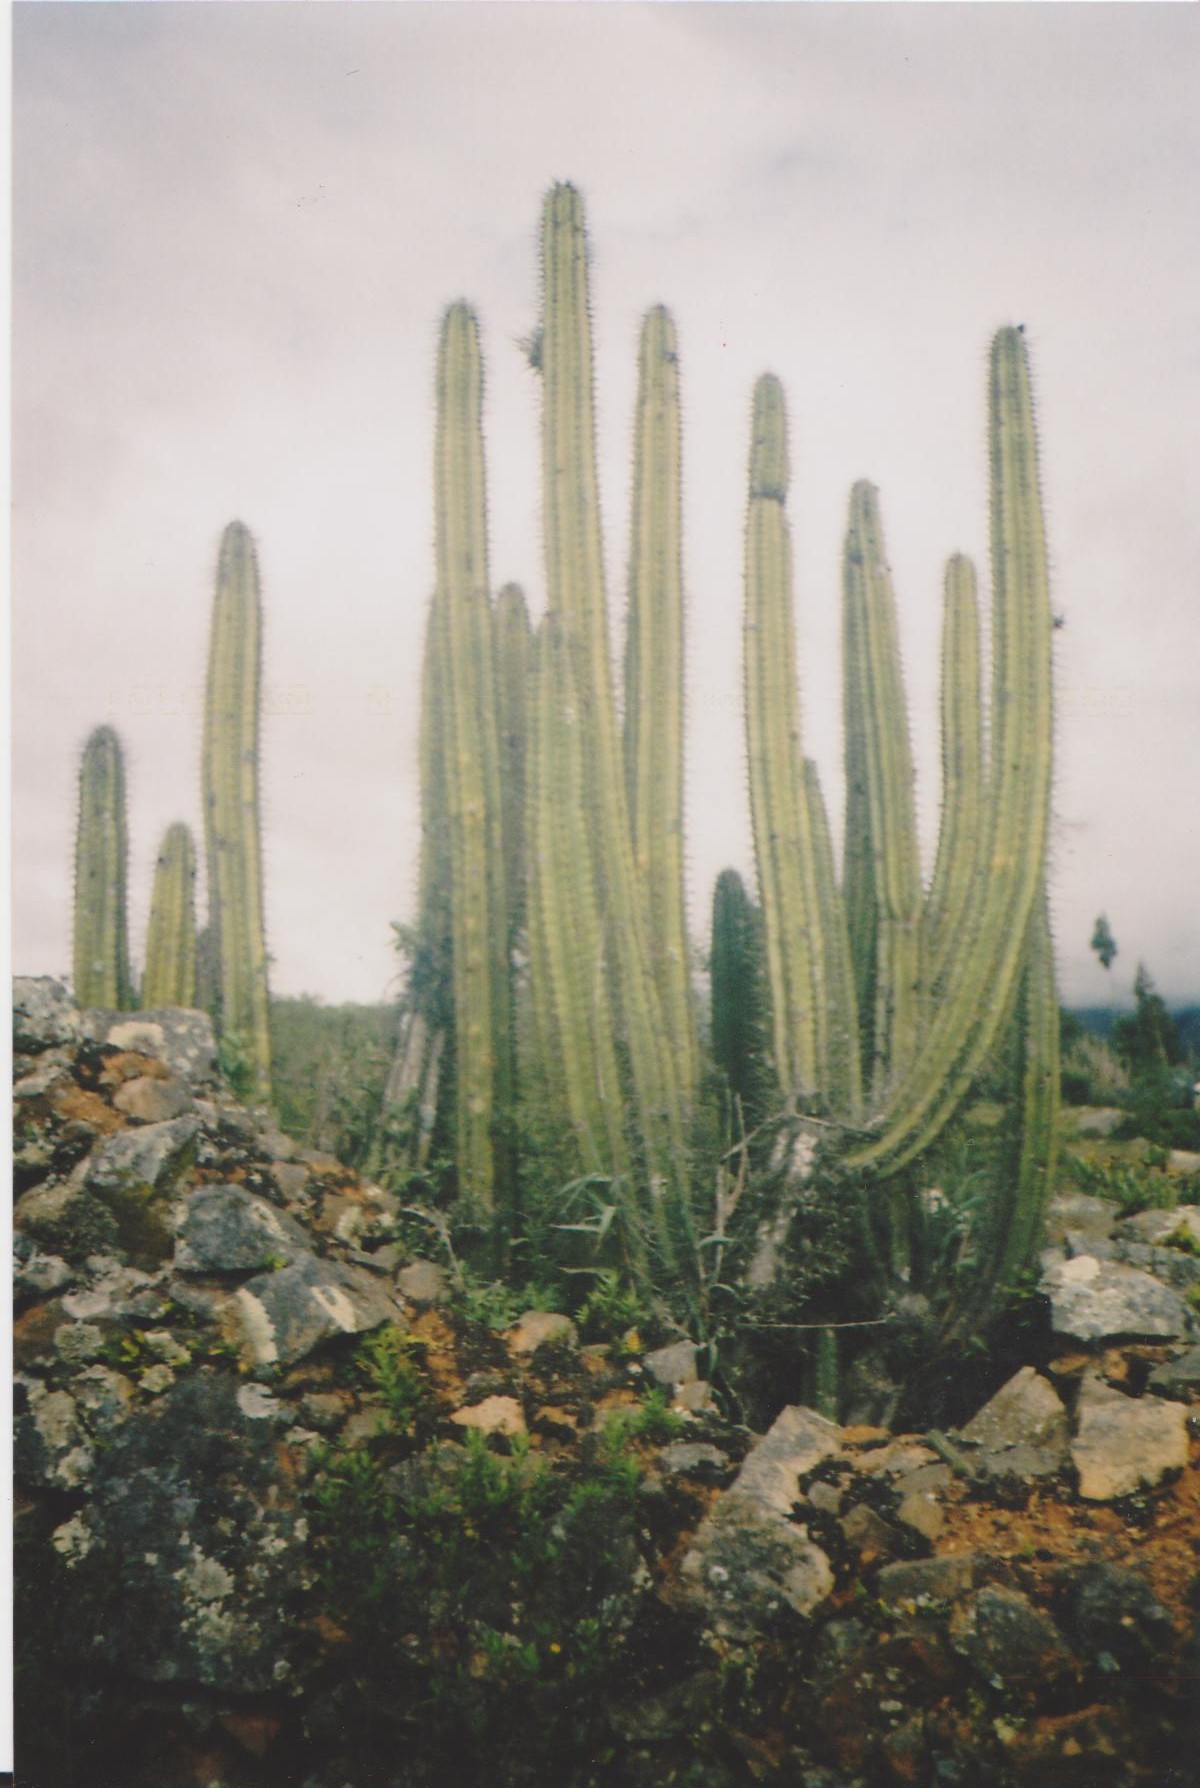 Columnar Cactus Cacti Tarma